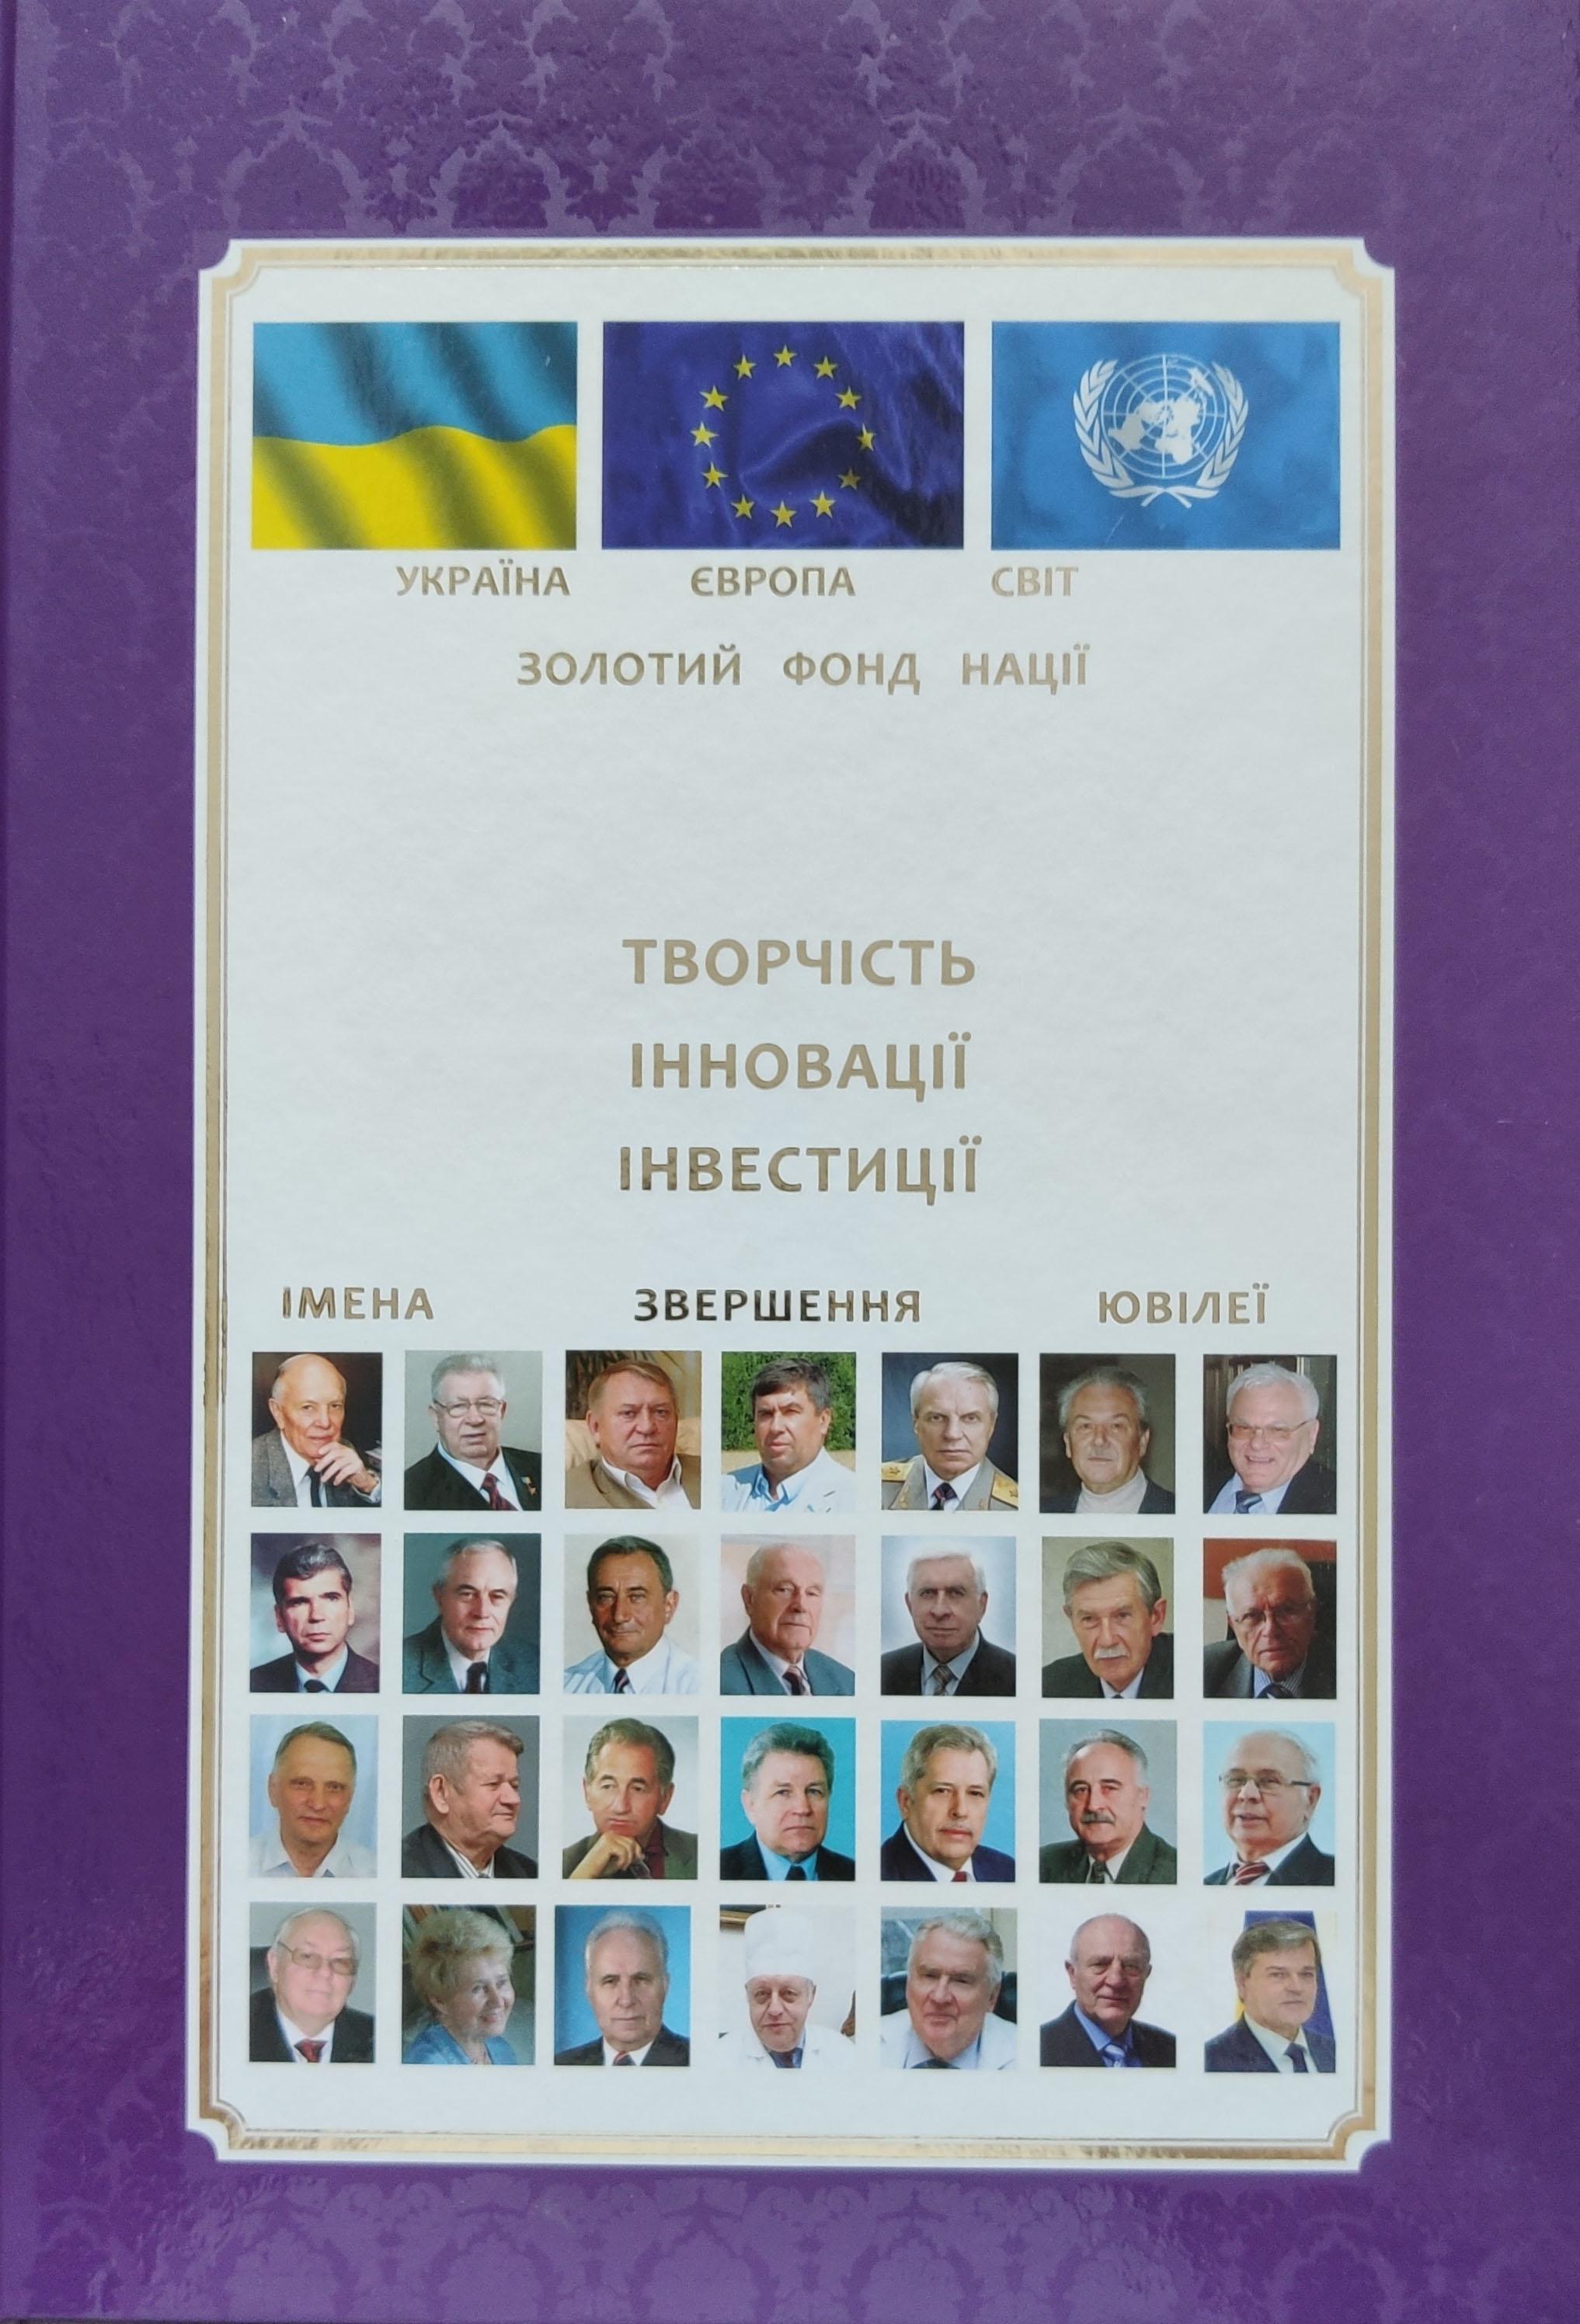 Золотий фонд нації. Українці: творчість, інновації, інвестиції